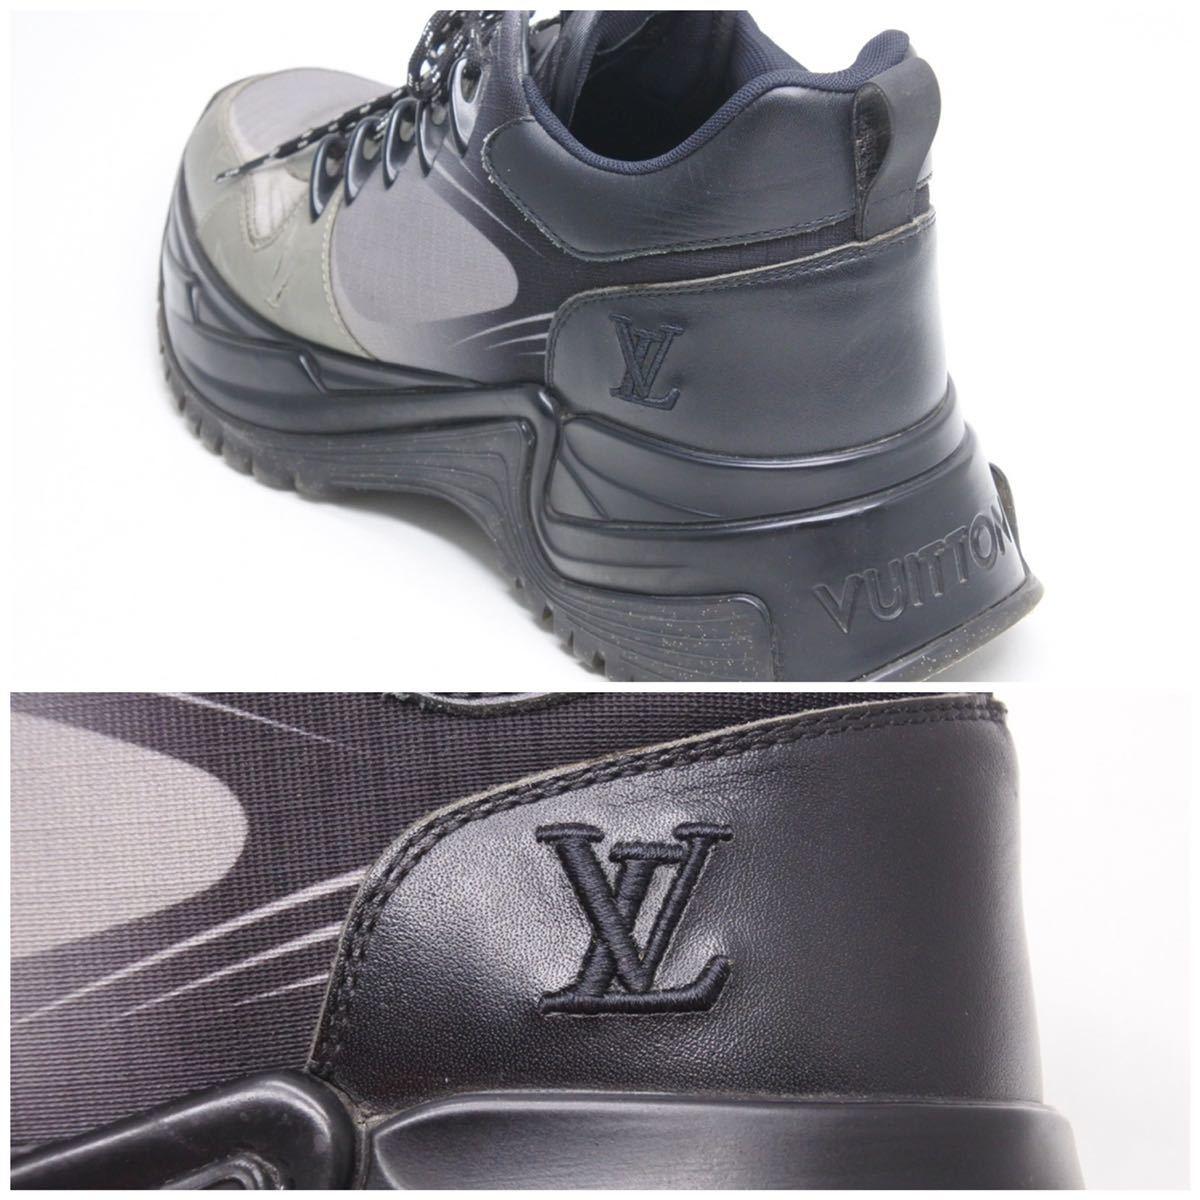 LOUIS VUITTON ルイヴィトン スニーカー シューズ 靴 ランアウェイパルスライン サイズ5 モノグラム ブラック 中古 32138 正規品_画像9